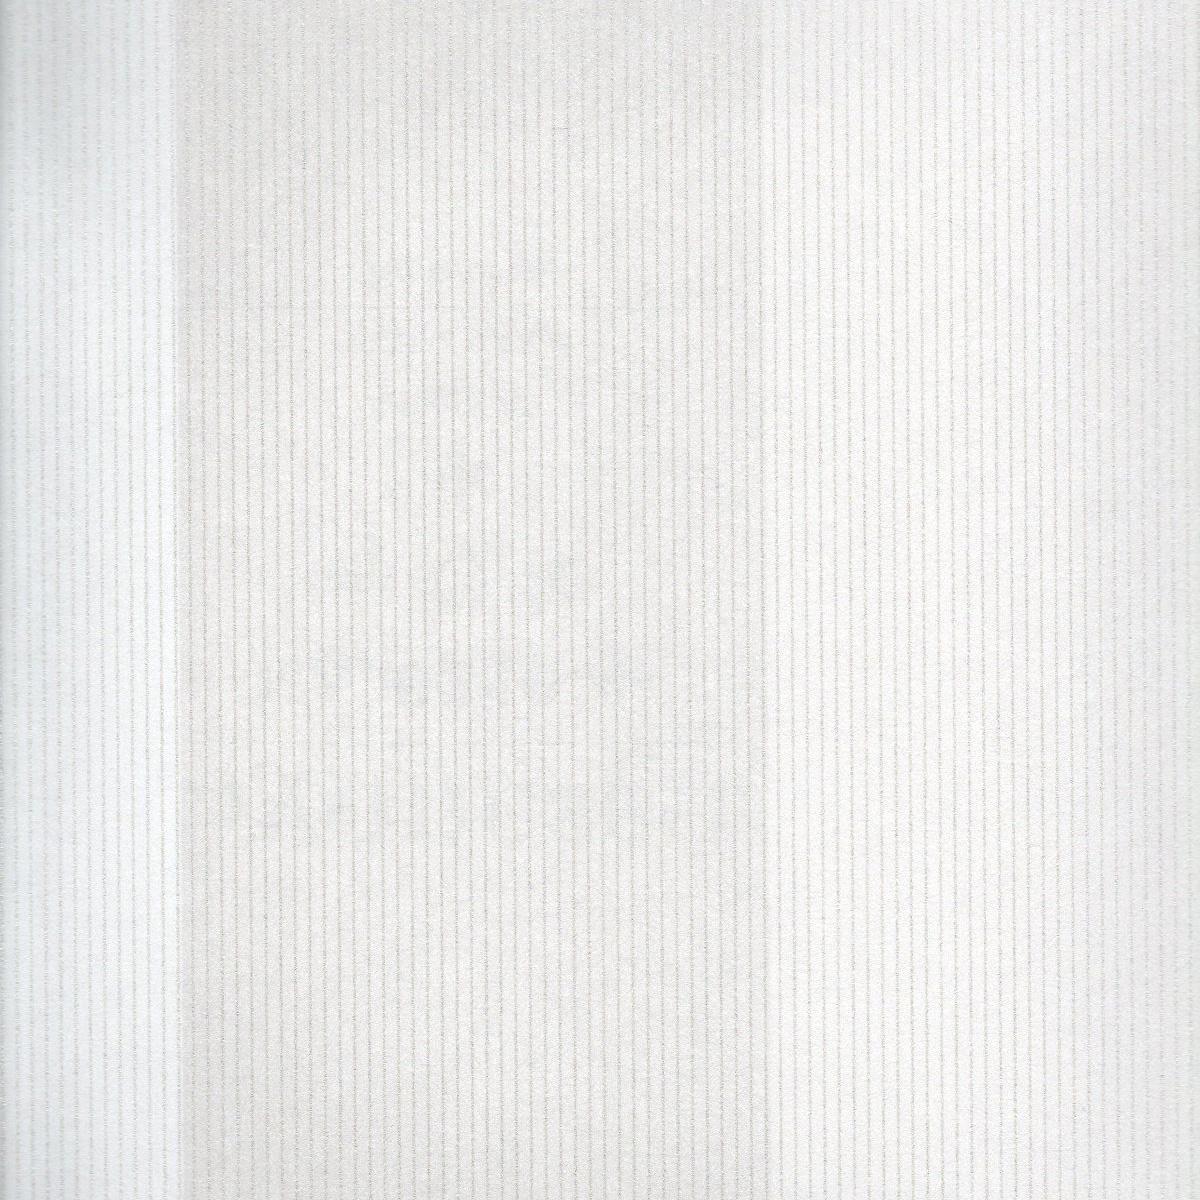 Обои флизелиновые Id-Art Lyonesse серые 0.53 м V6210-3